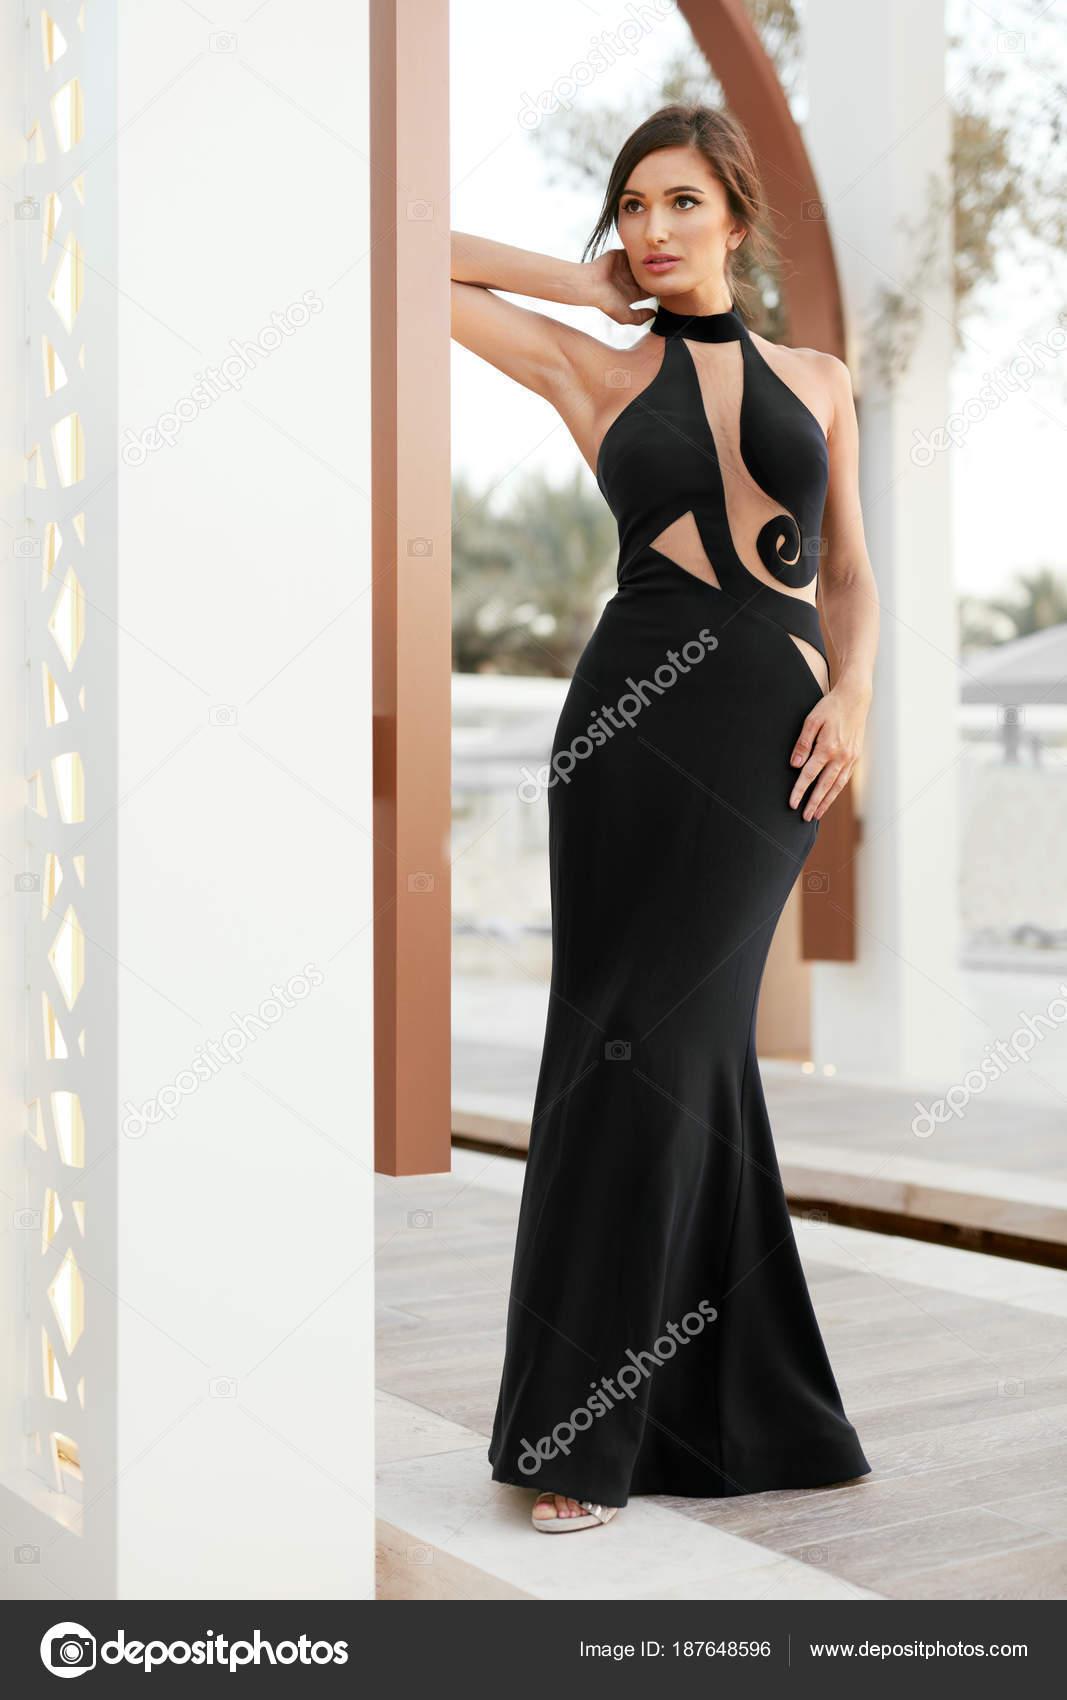 421c4449671b Moda ragazza In vestito nero lungo posa all aperto. Ritratto di bello  modello femminile alla moda In vestito da sera glamour con acconciatura  elegante posa ...